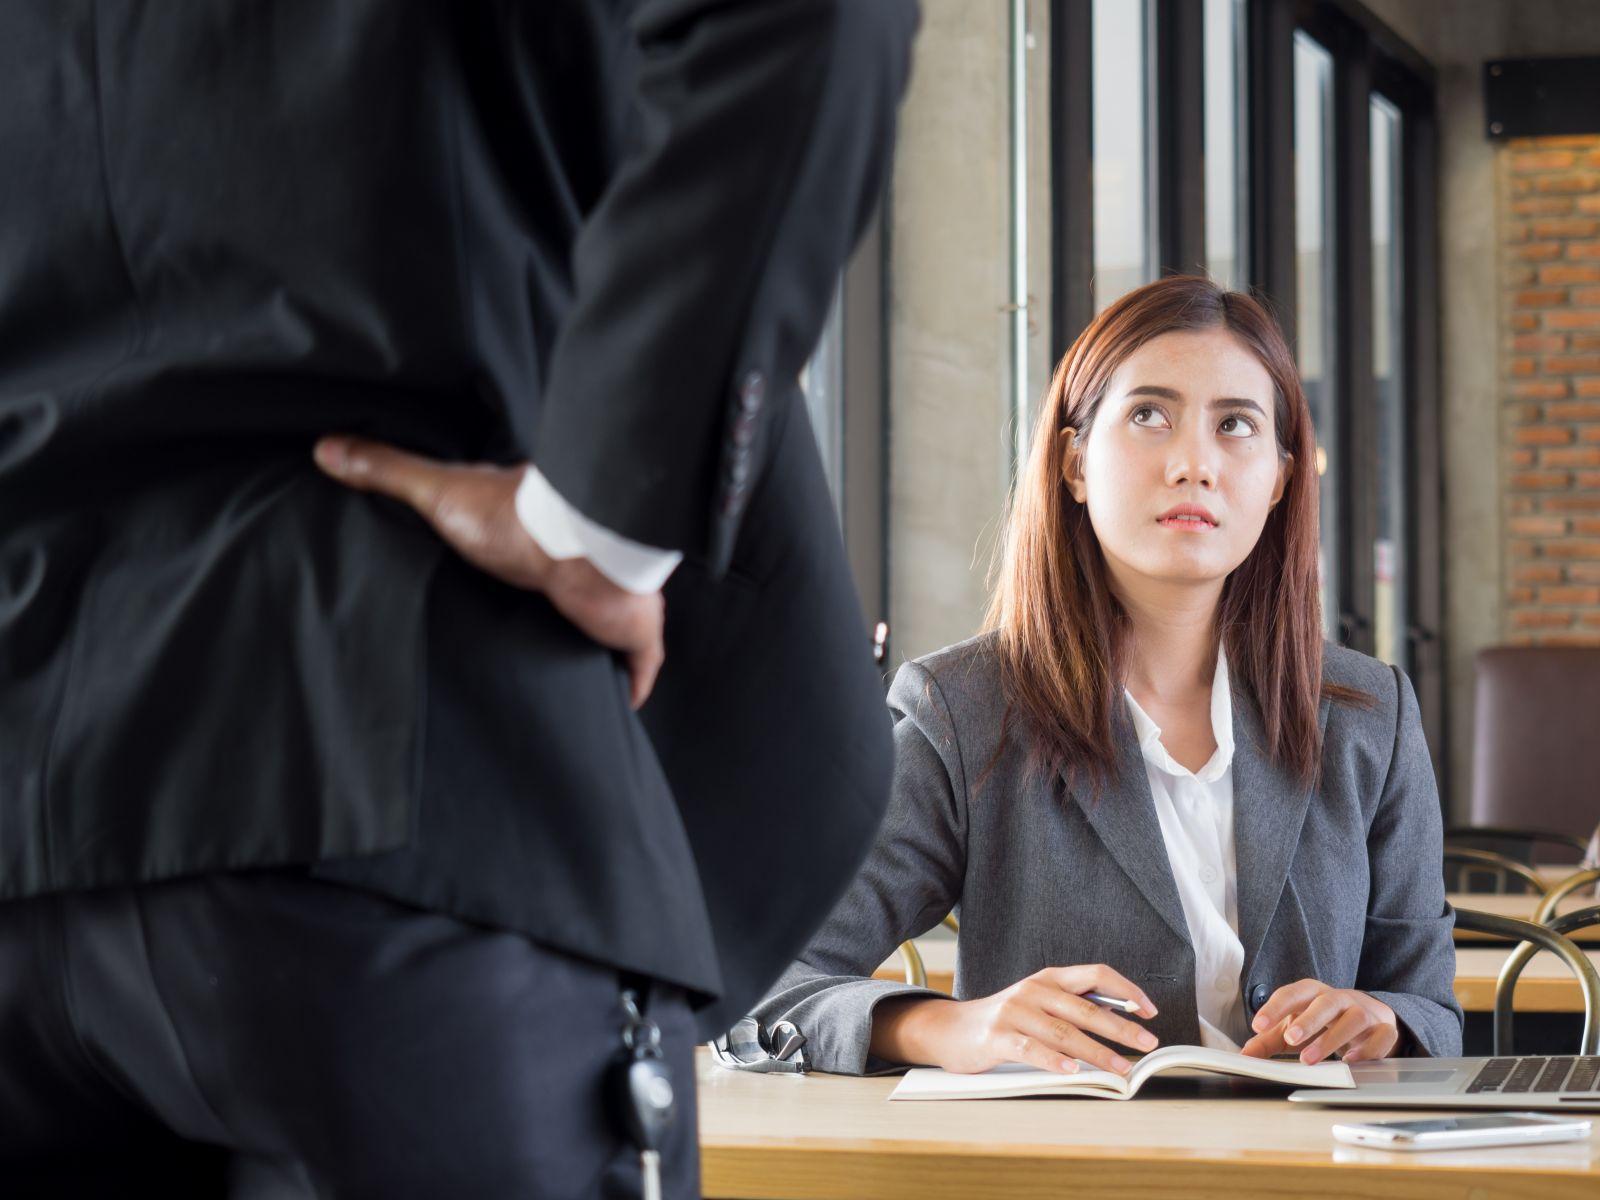 公佈黑心企業名單,基本上是一個沒用且逃避的做法,到底怎麼做才會有效呢?